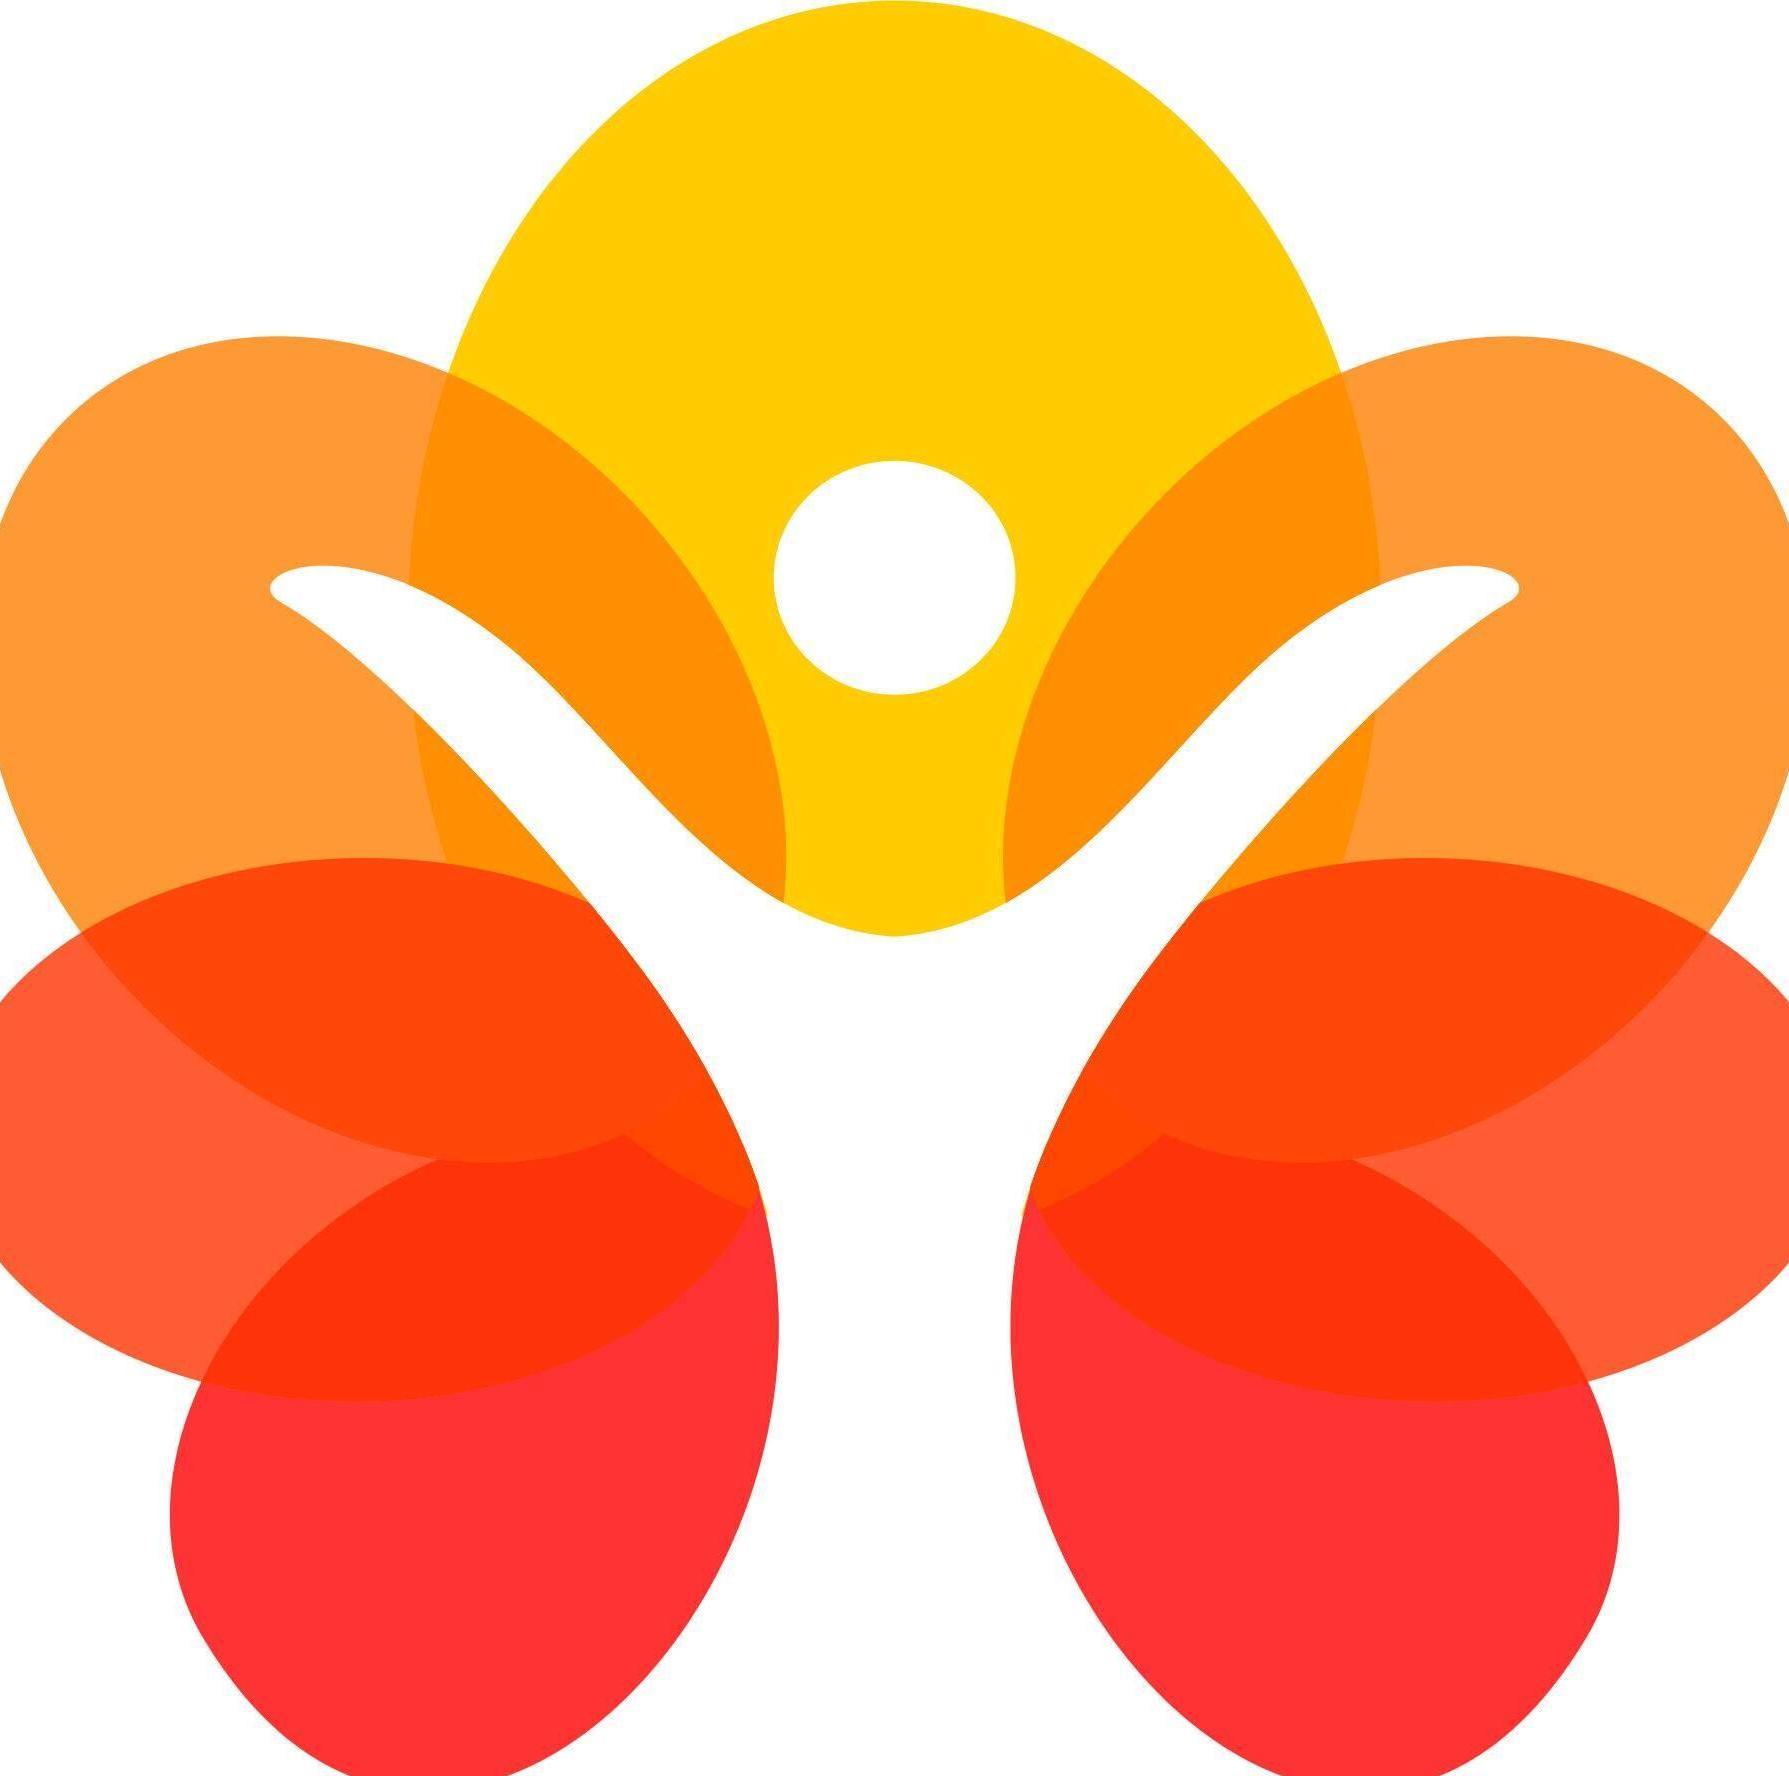 想知道山东智慧生活数据系统有限公司怎么样?看准网(Kanzhun.com)免费提供山东智慧生活数据系统有限公司招聘、山东智慧生活数据系统有限公司工资、山东智慧生活数据系统有限公司面试、评价、工作环境招聘及员工等山东智慧生活数据系统有限公司的信息。